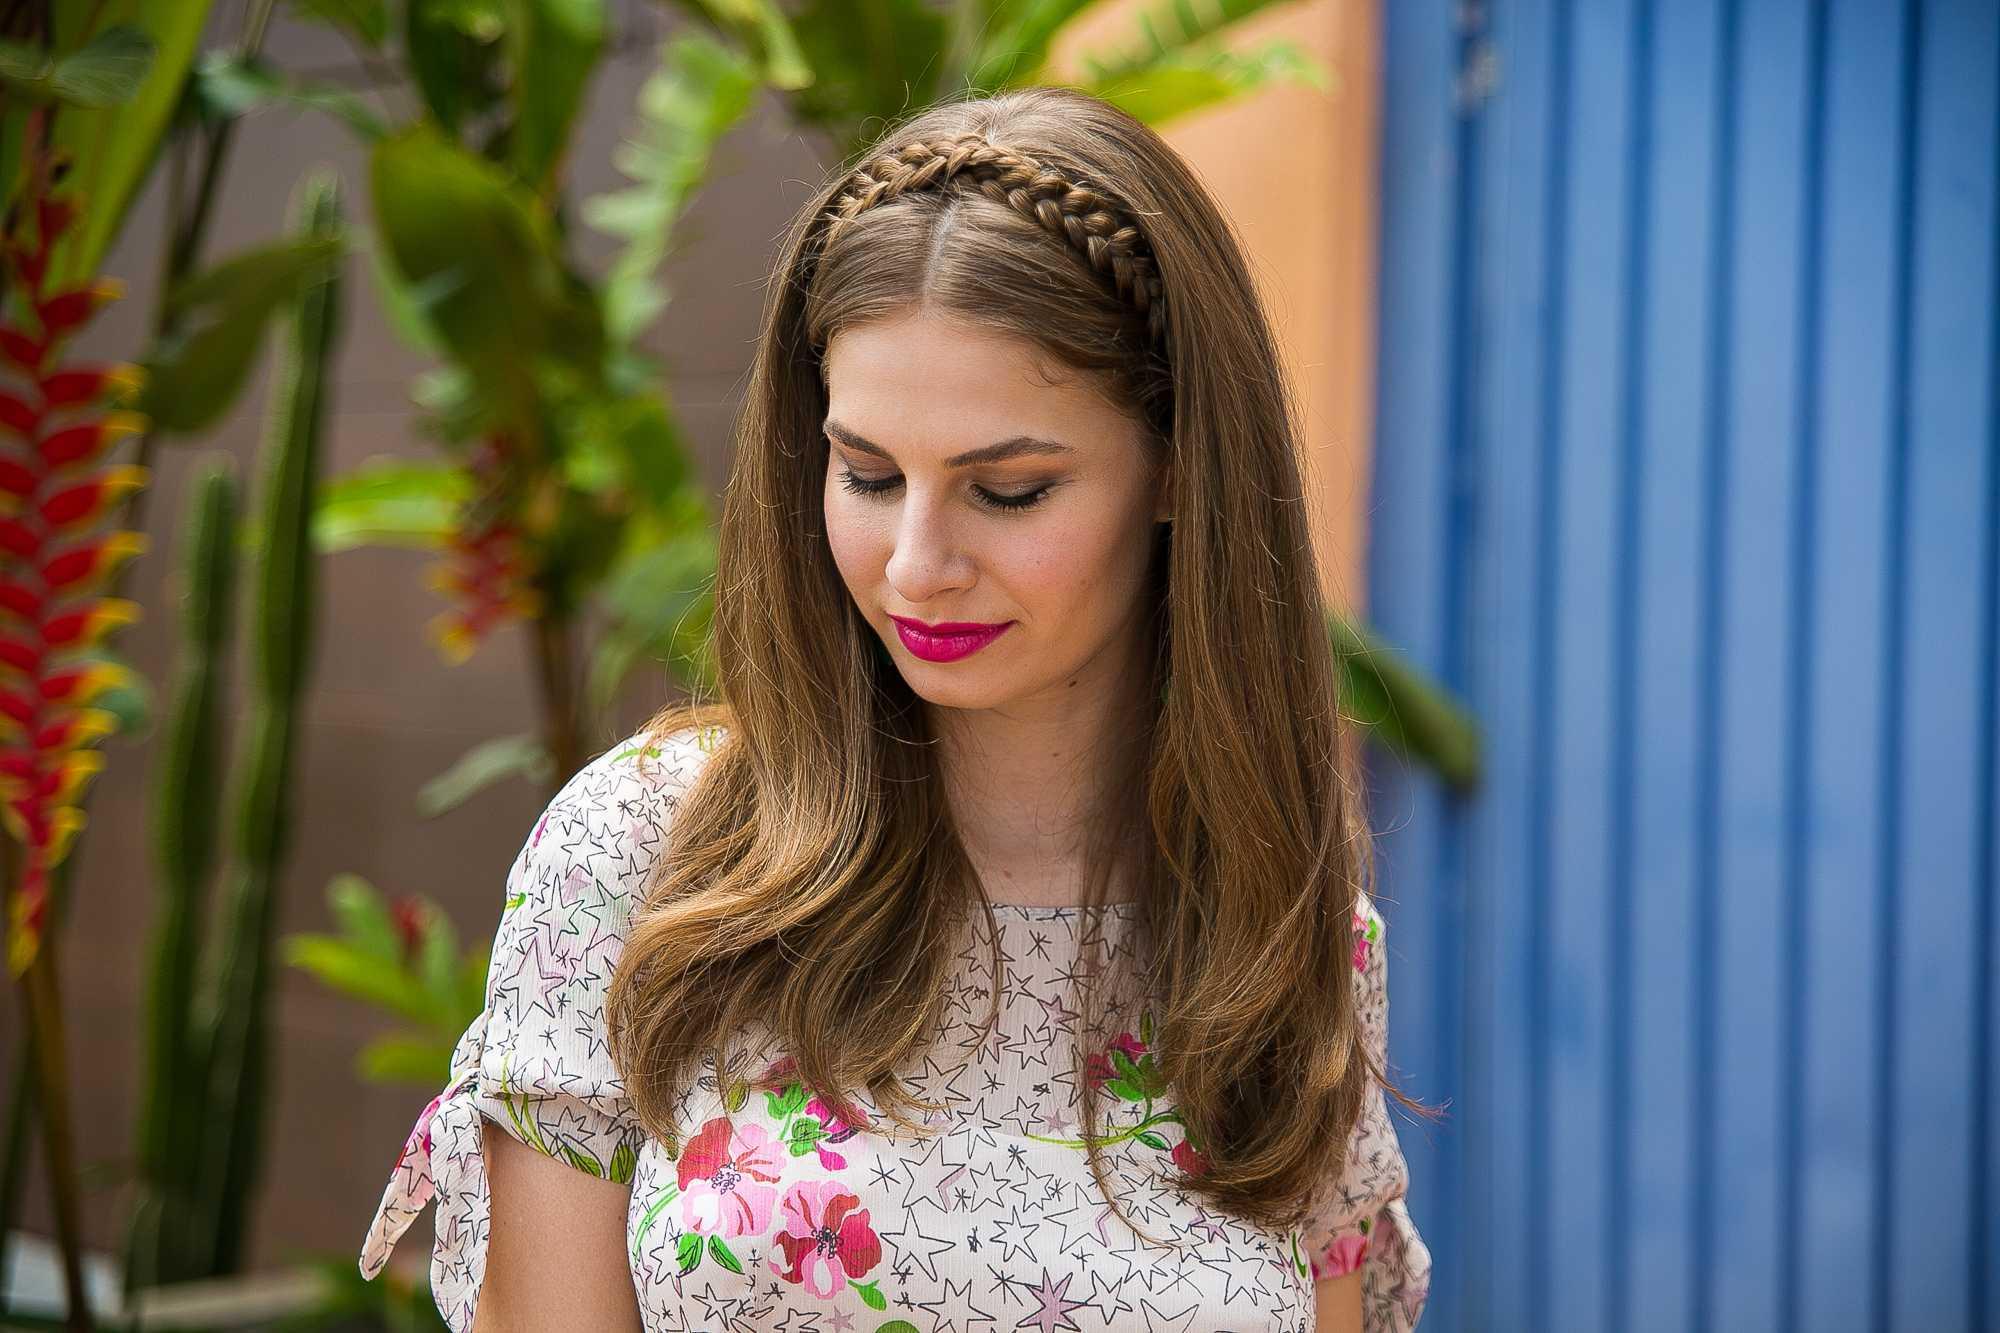 Coiffures de bal tressées : plan rapproché d'un mannequin avec des cheveux châtains moyens coiffés en vagues libres et un bandeau tressé, portant un top floral et posant à l'extérieur